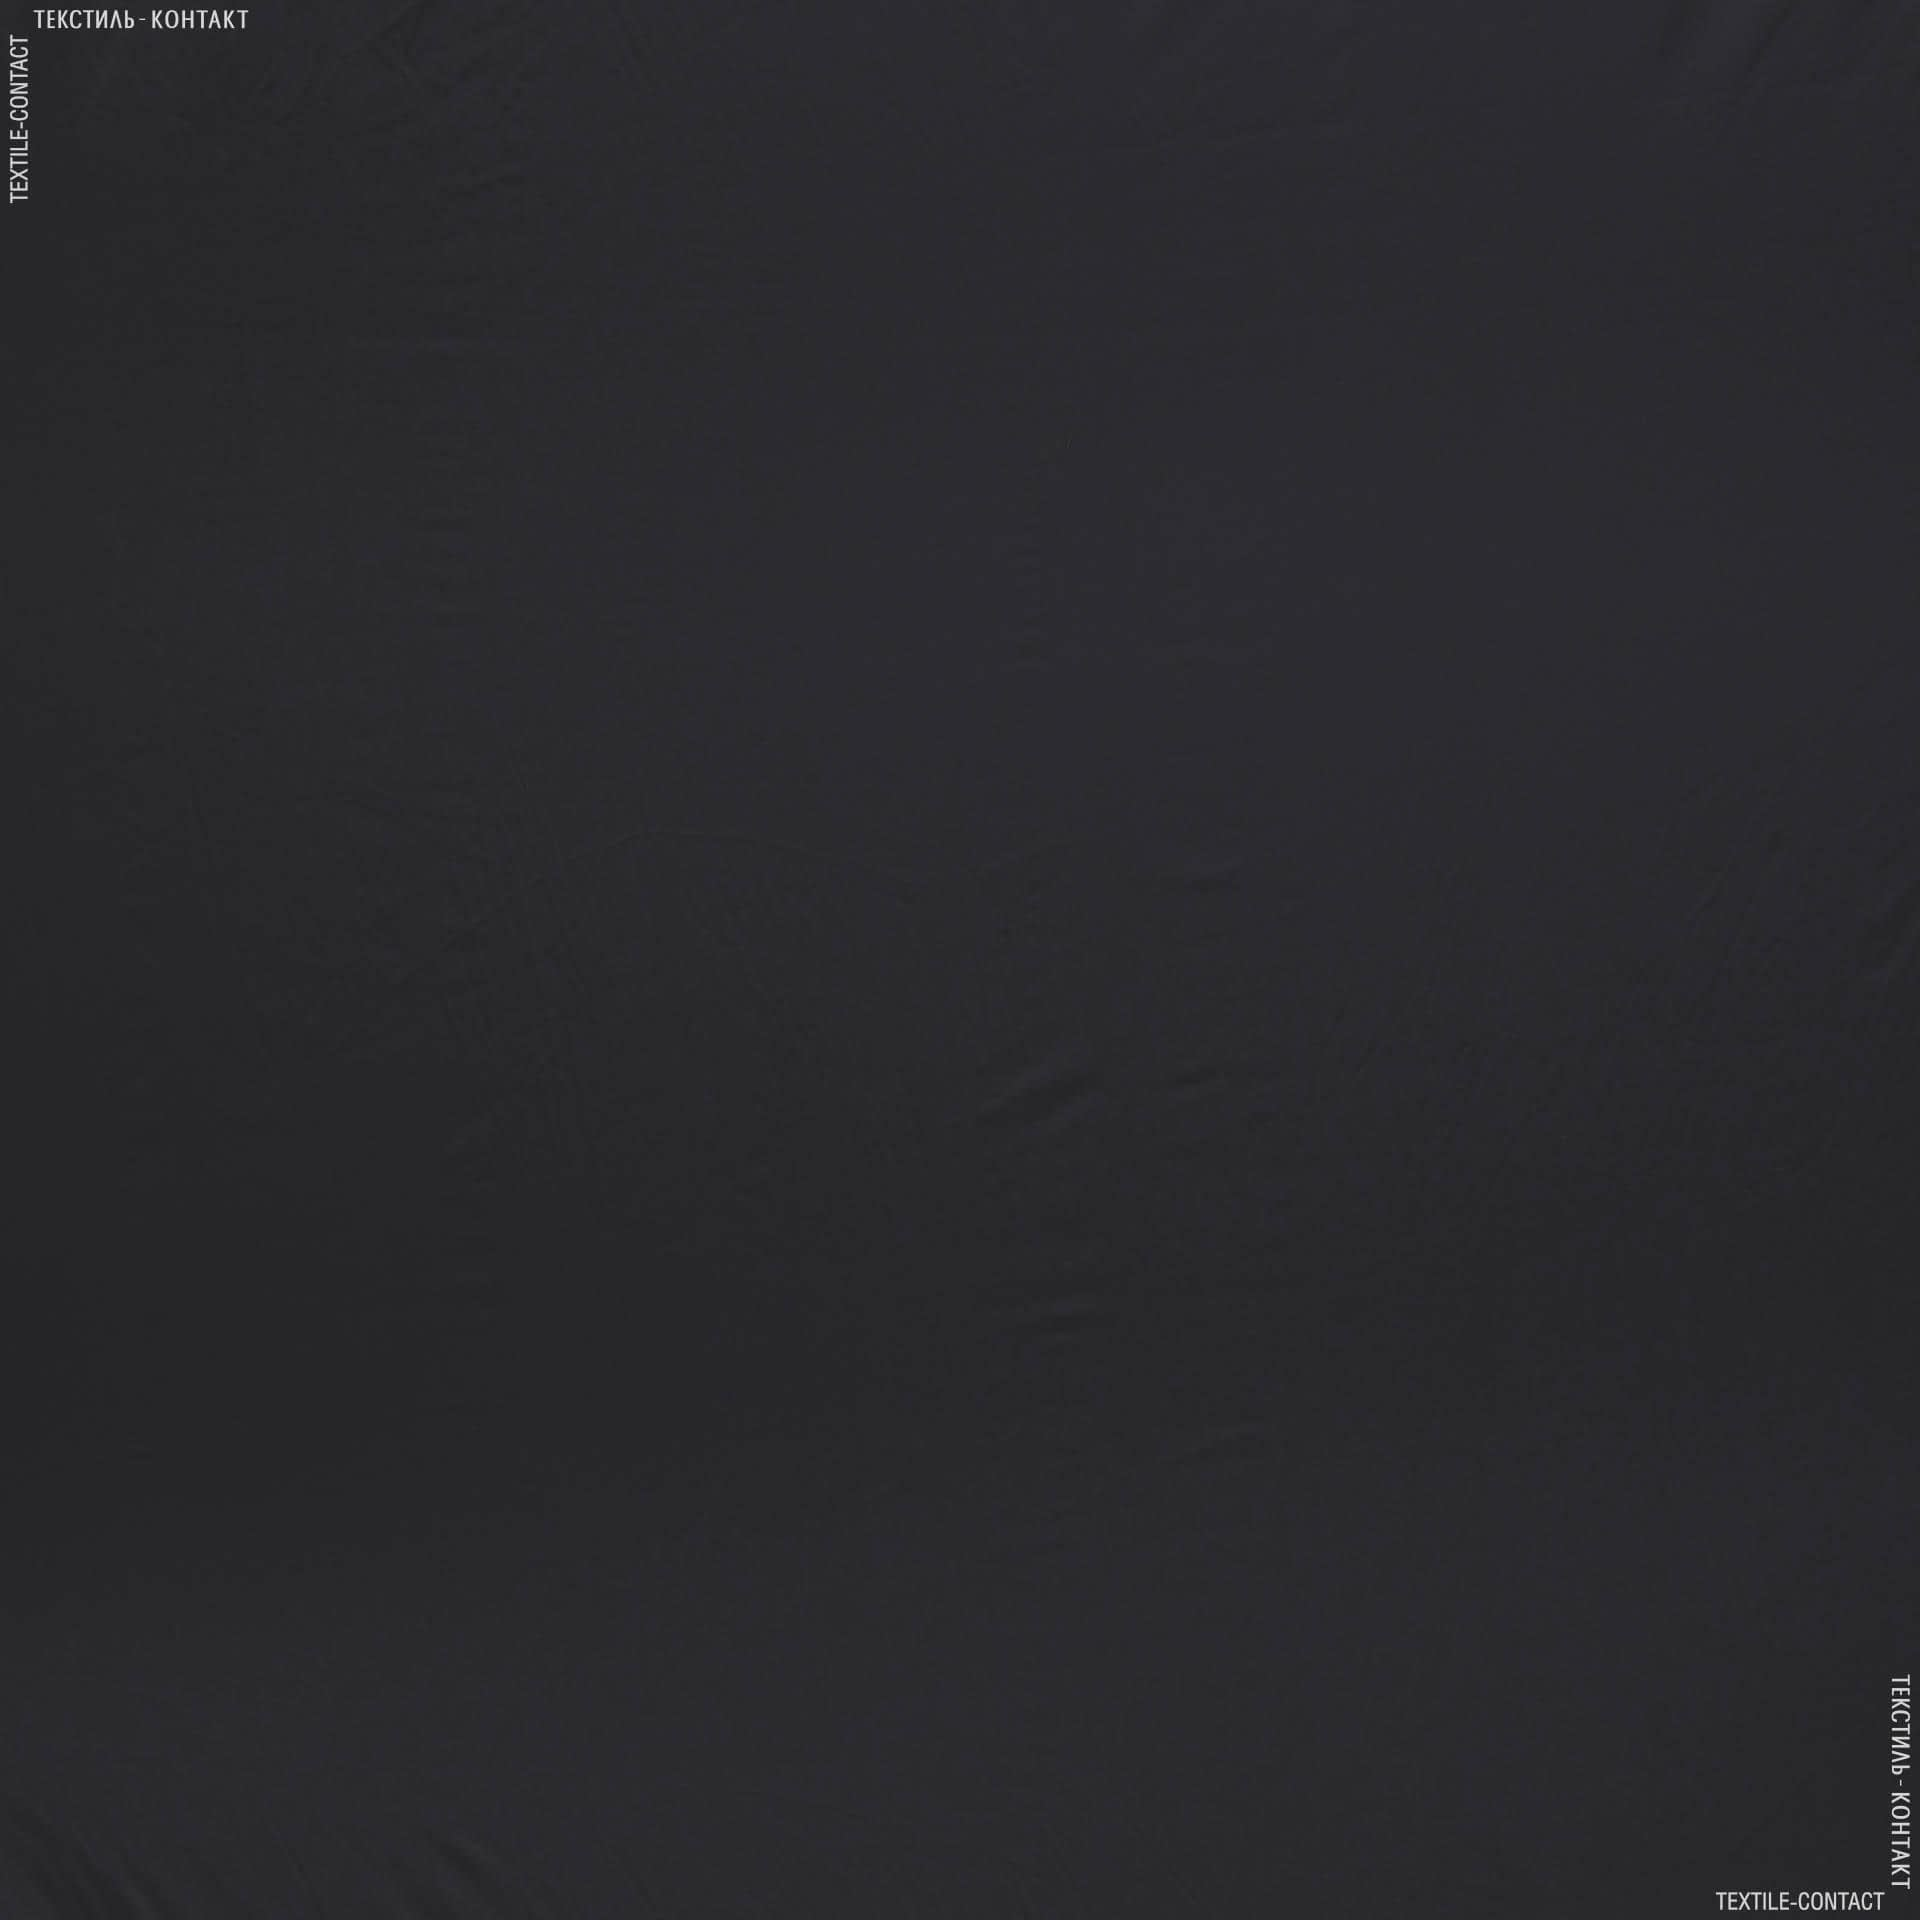 Ткани для палаток - Плащевая лаке нейлон черный